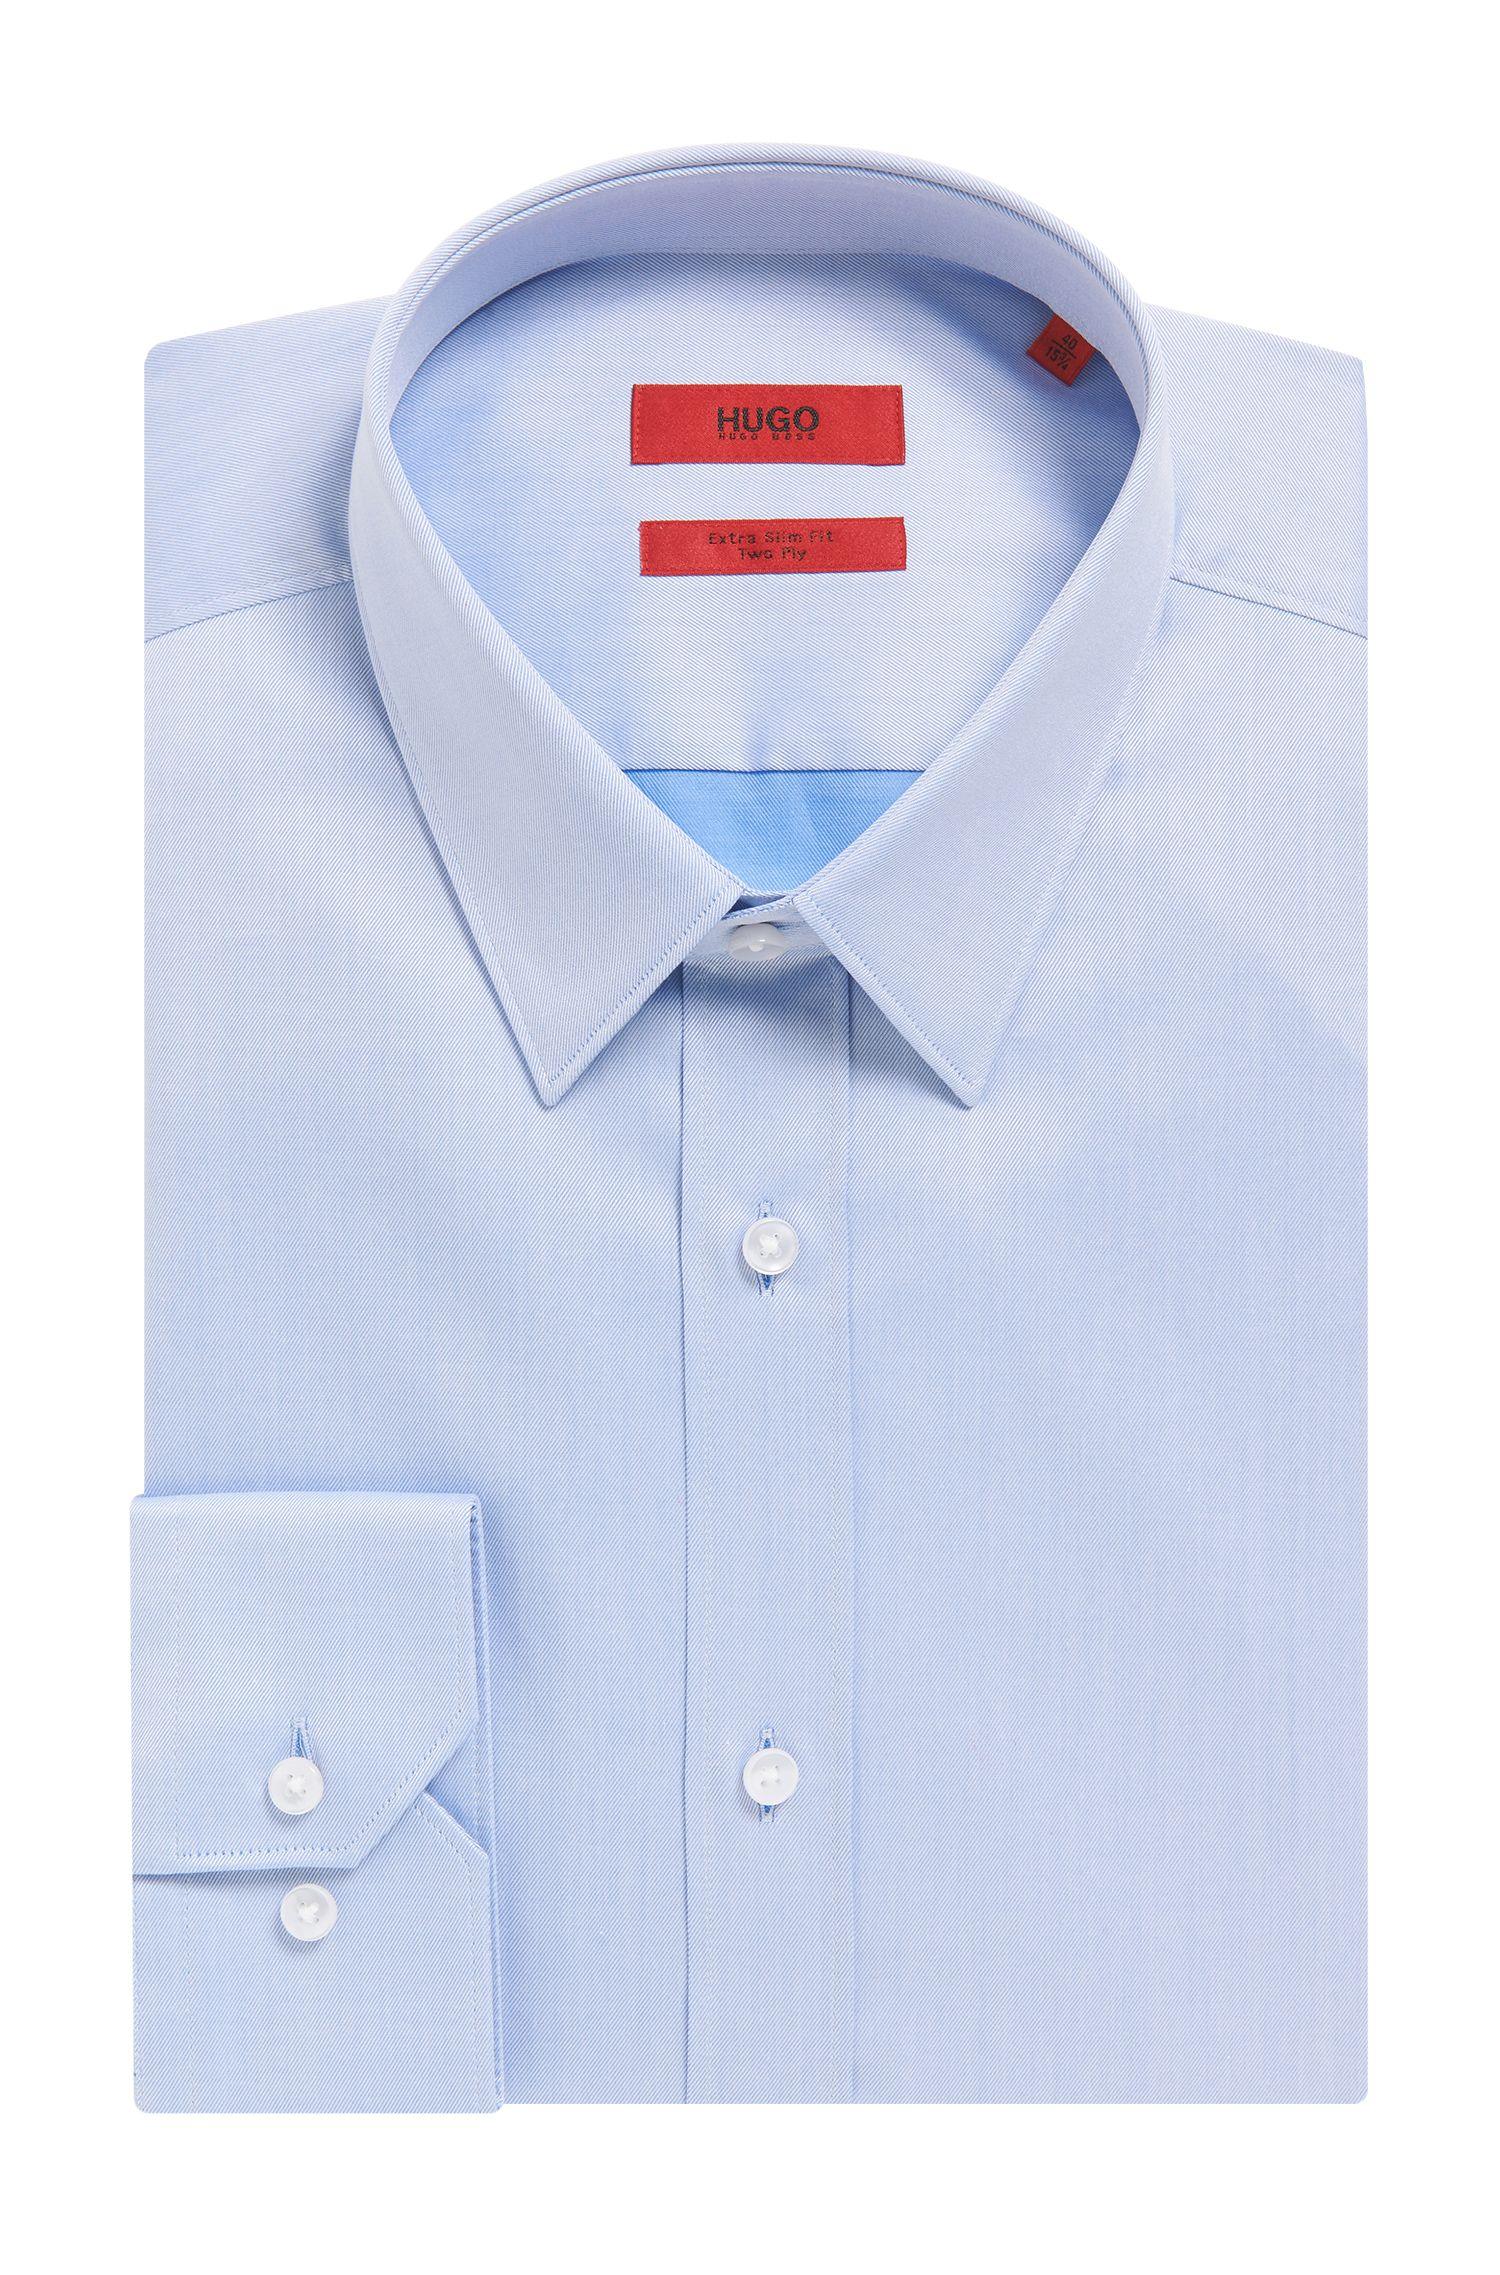 Two-Ply Cotton Dress Shirt, Extra Slim Fit   Elisha